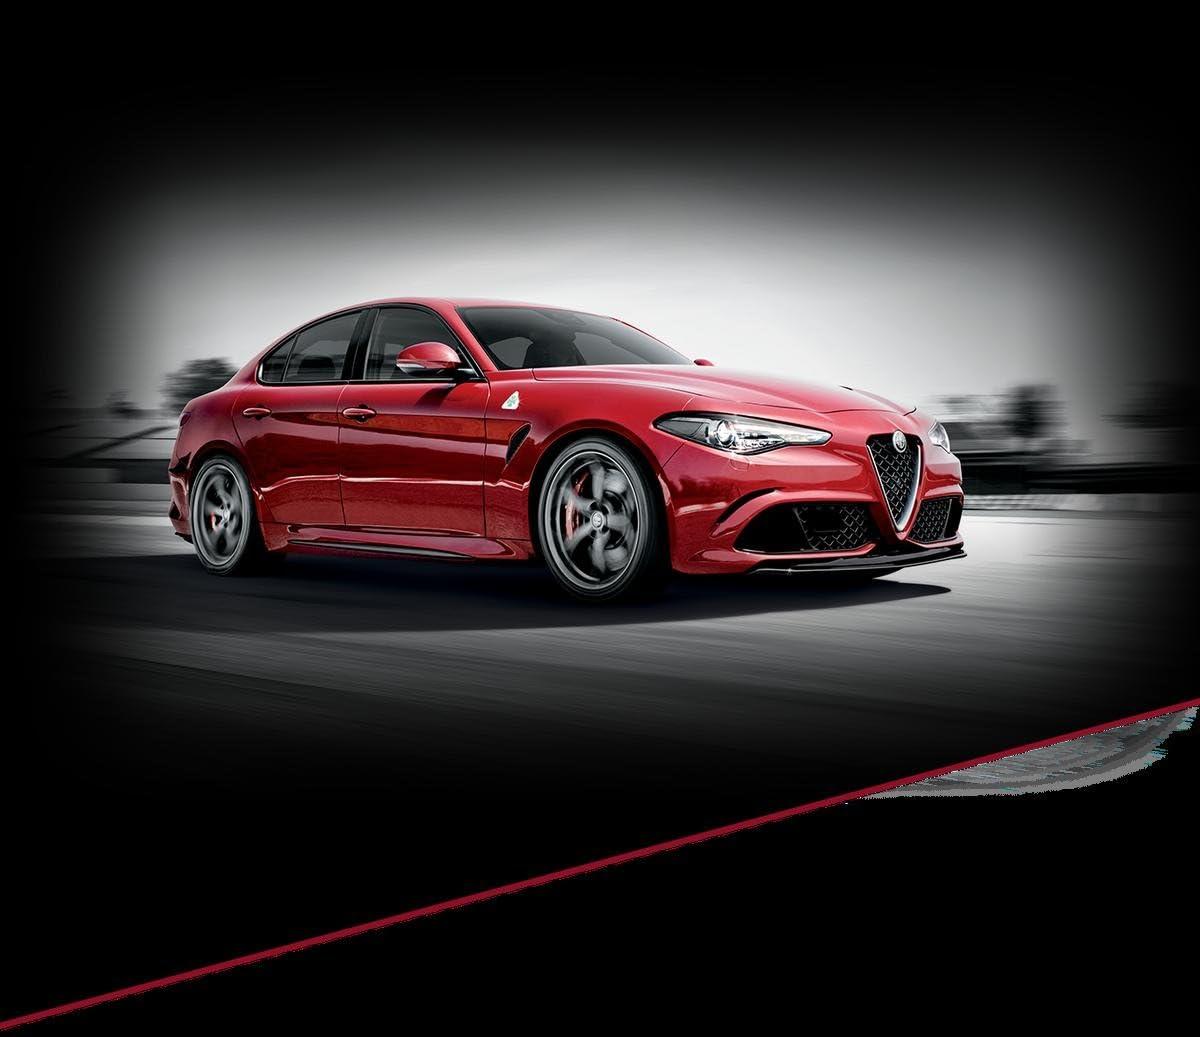 Gifts Delight Laminated 18x16 Poster: Pagani - Un Nuevo vdeo del Alfa Romeo Giulia Pistonudos